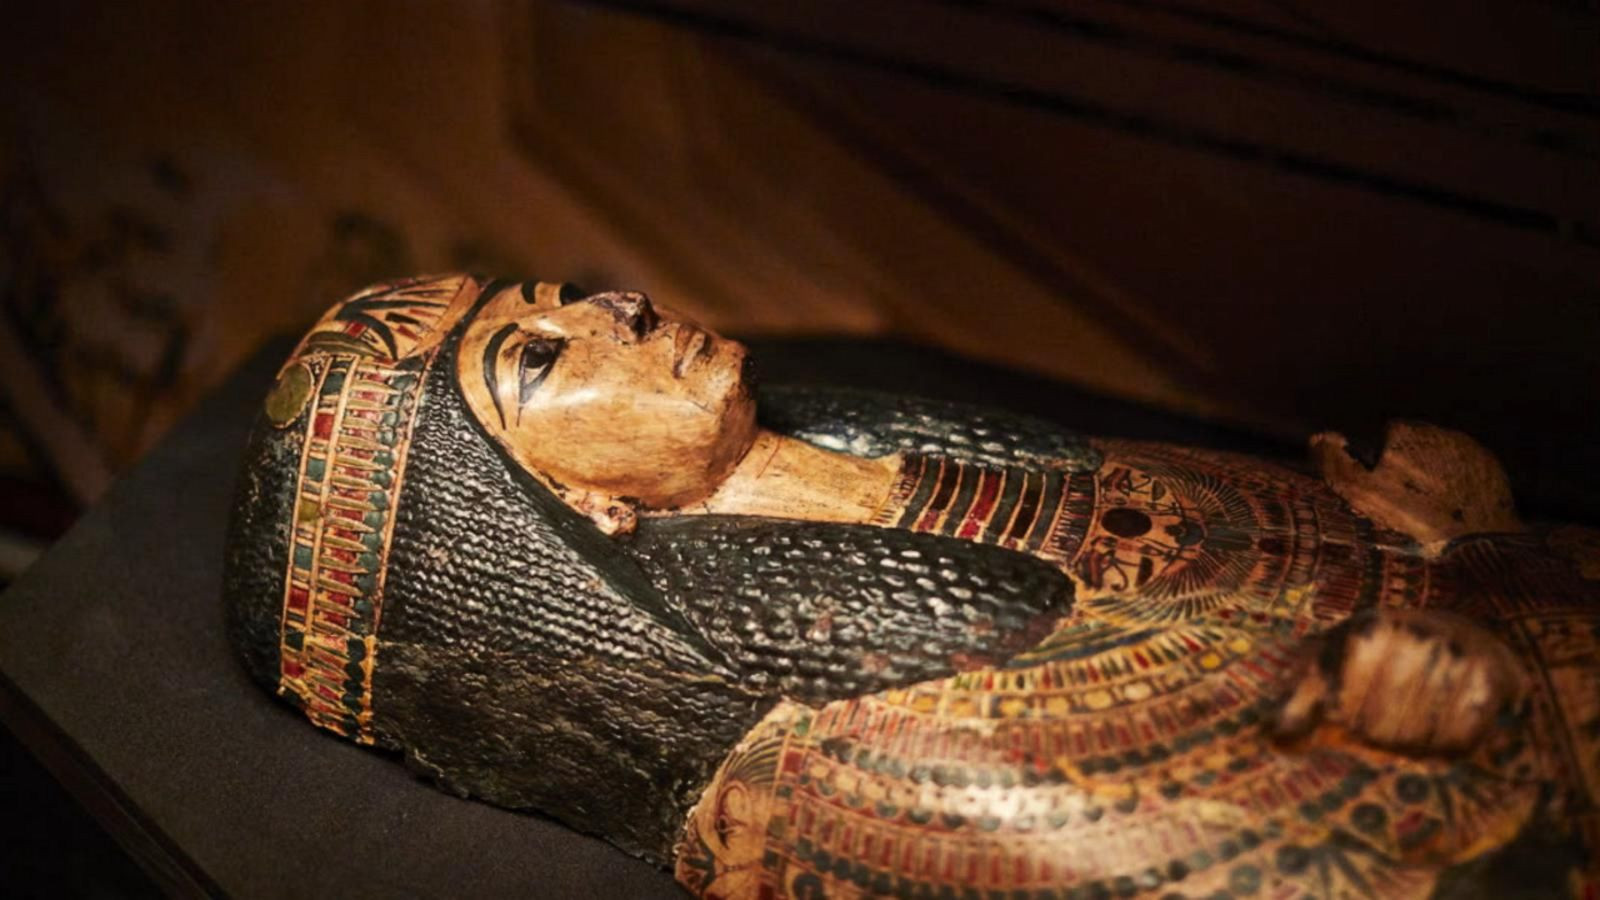 तीन हजार वर्ष पुरानो 'ममी'ले निकाल्यो आवाज